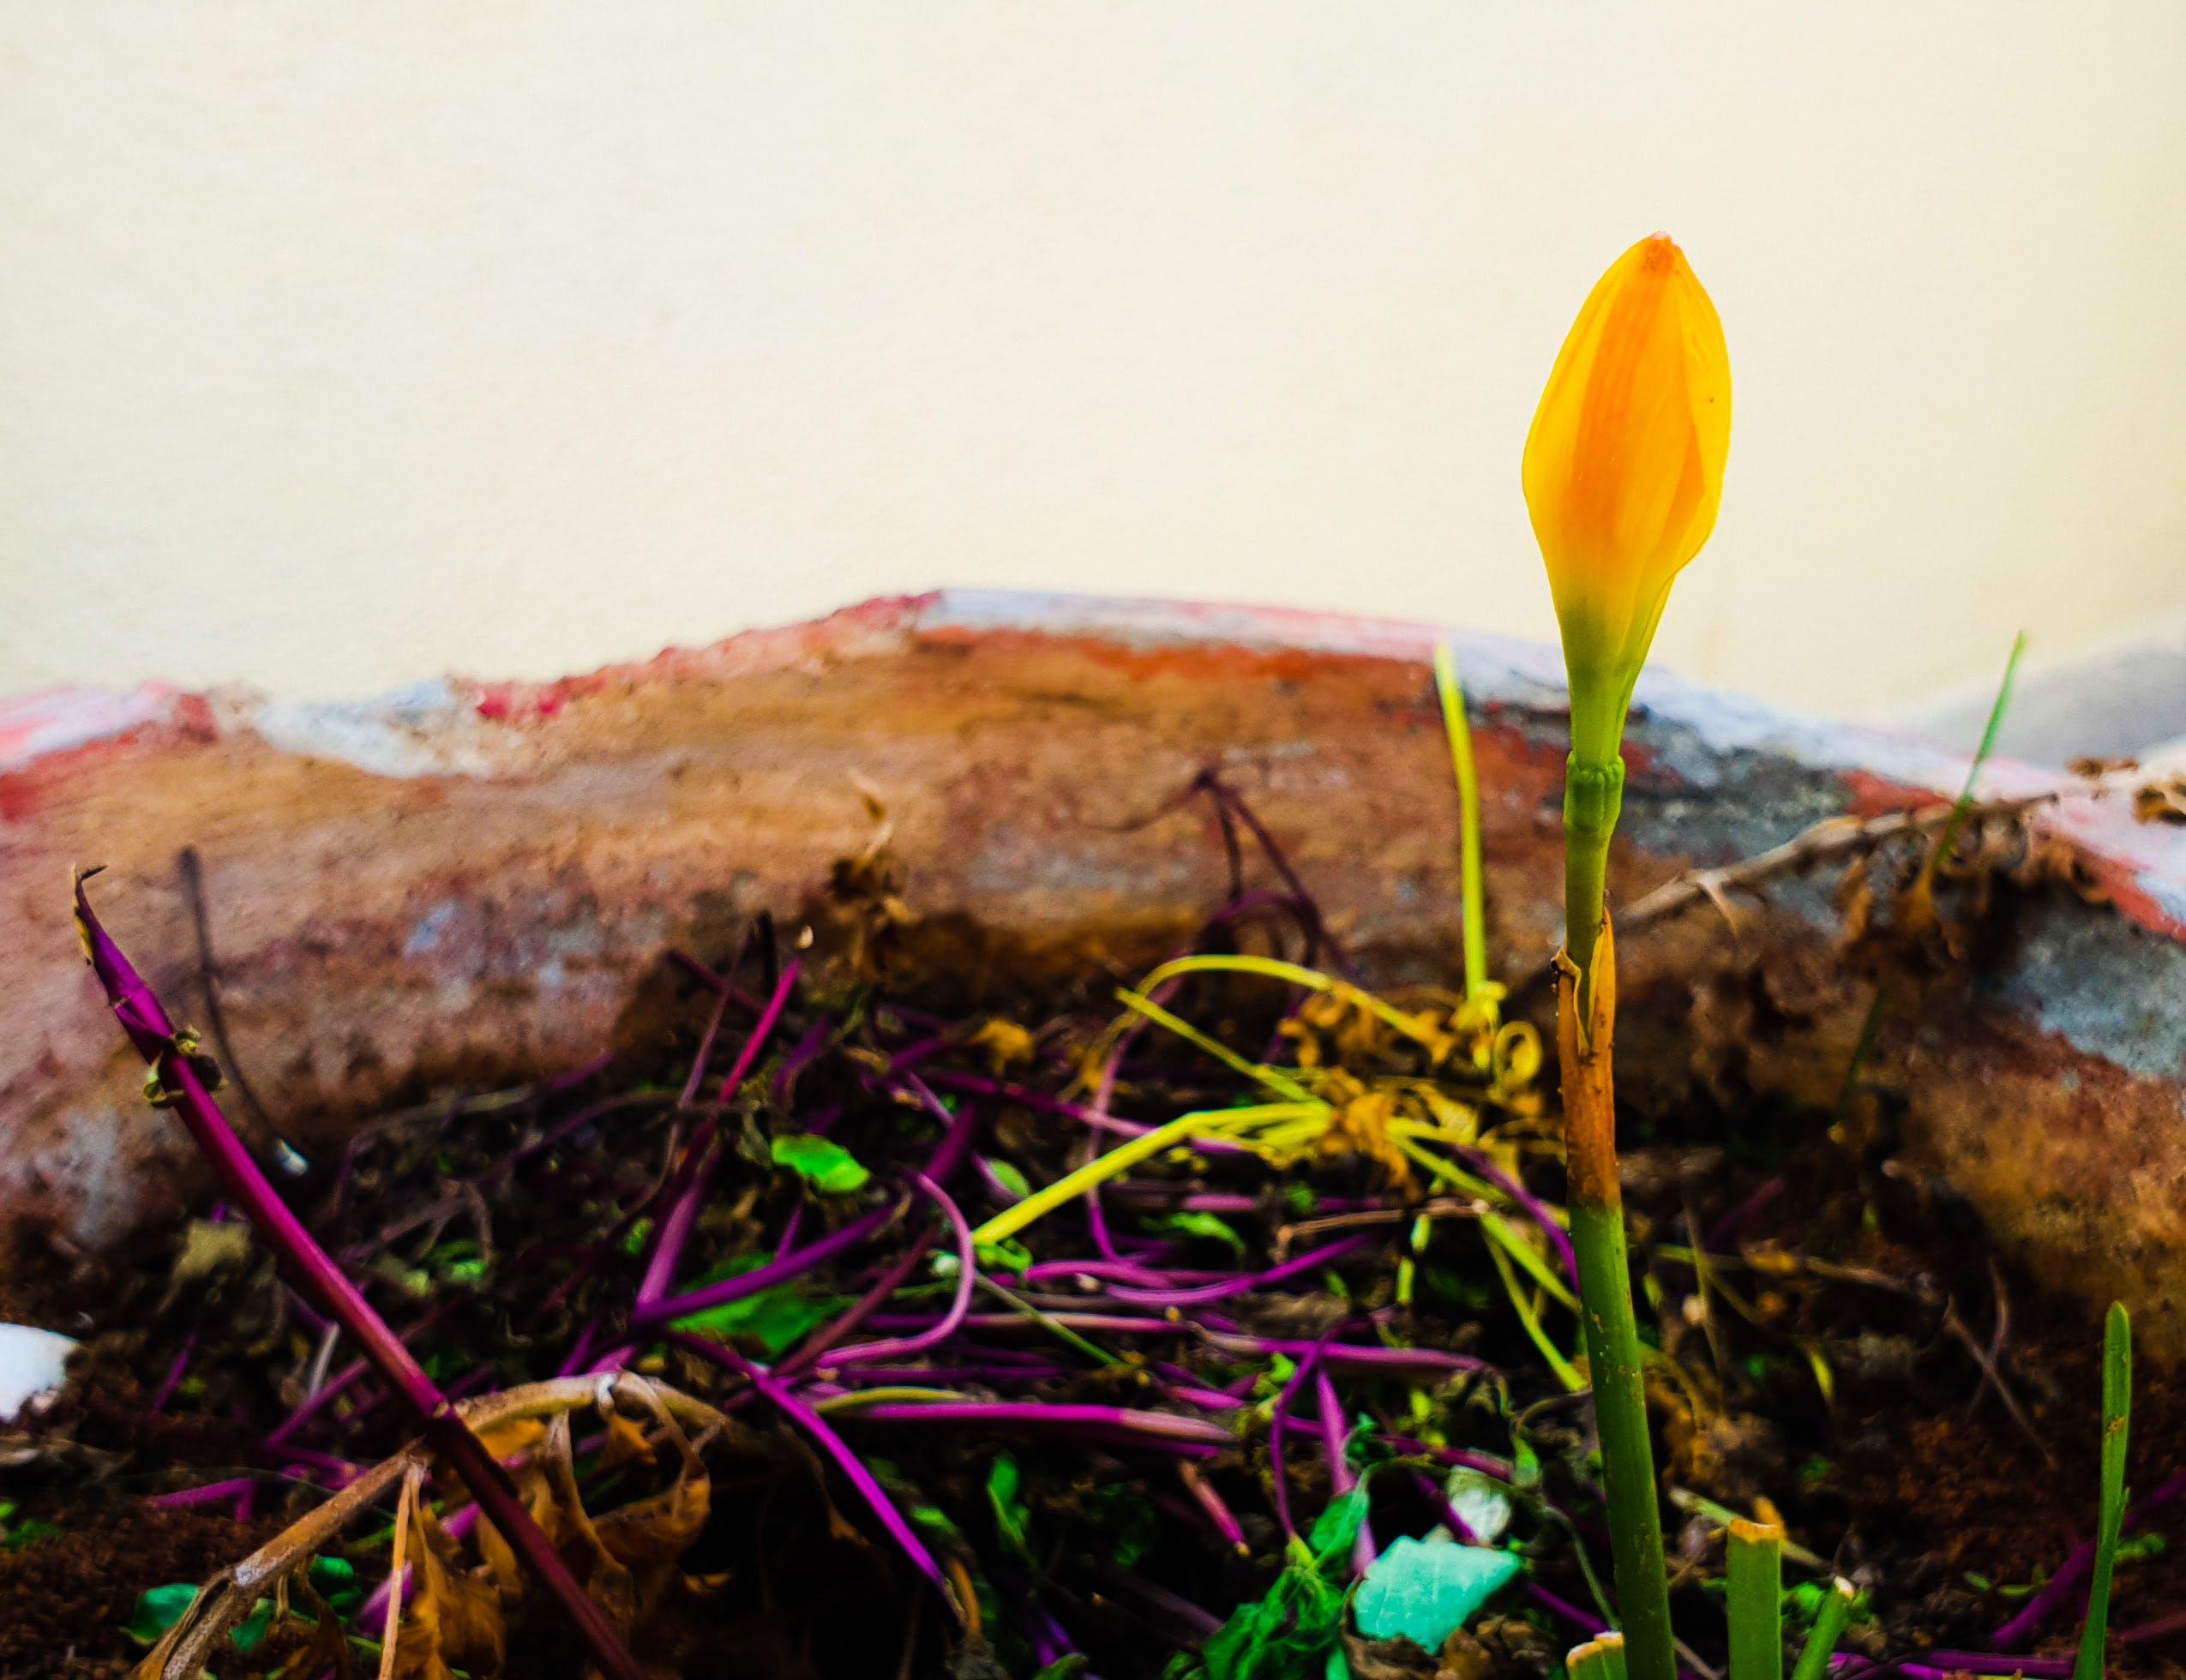 Gratis lagerfoto af blomst, blomst tapet, blomsterpotte, blomstervase